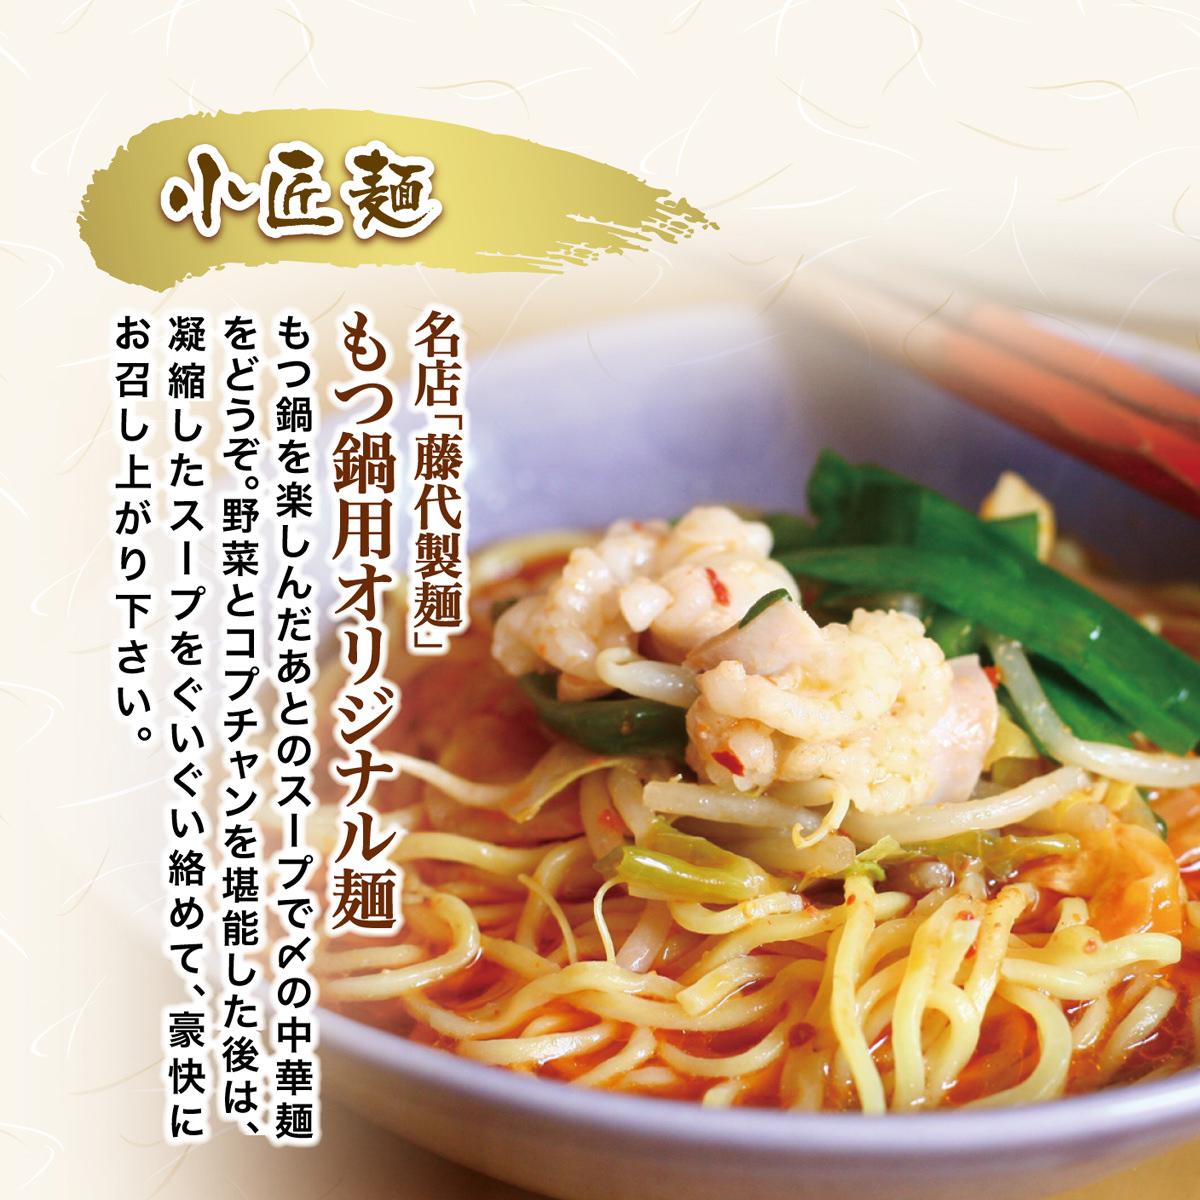 和牛もつ鍋韓国チゲ味3〜4人前×2セット